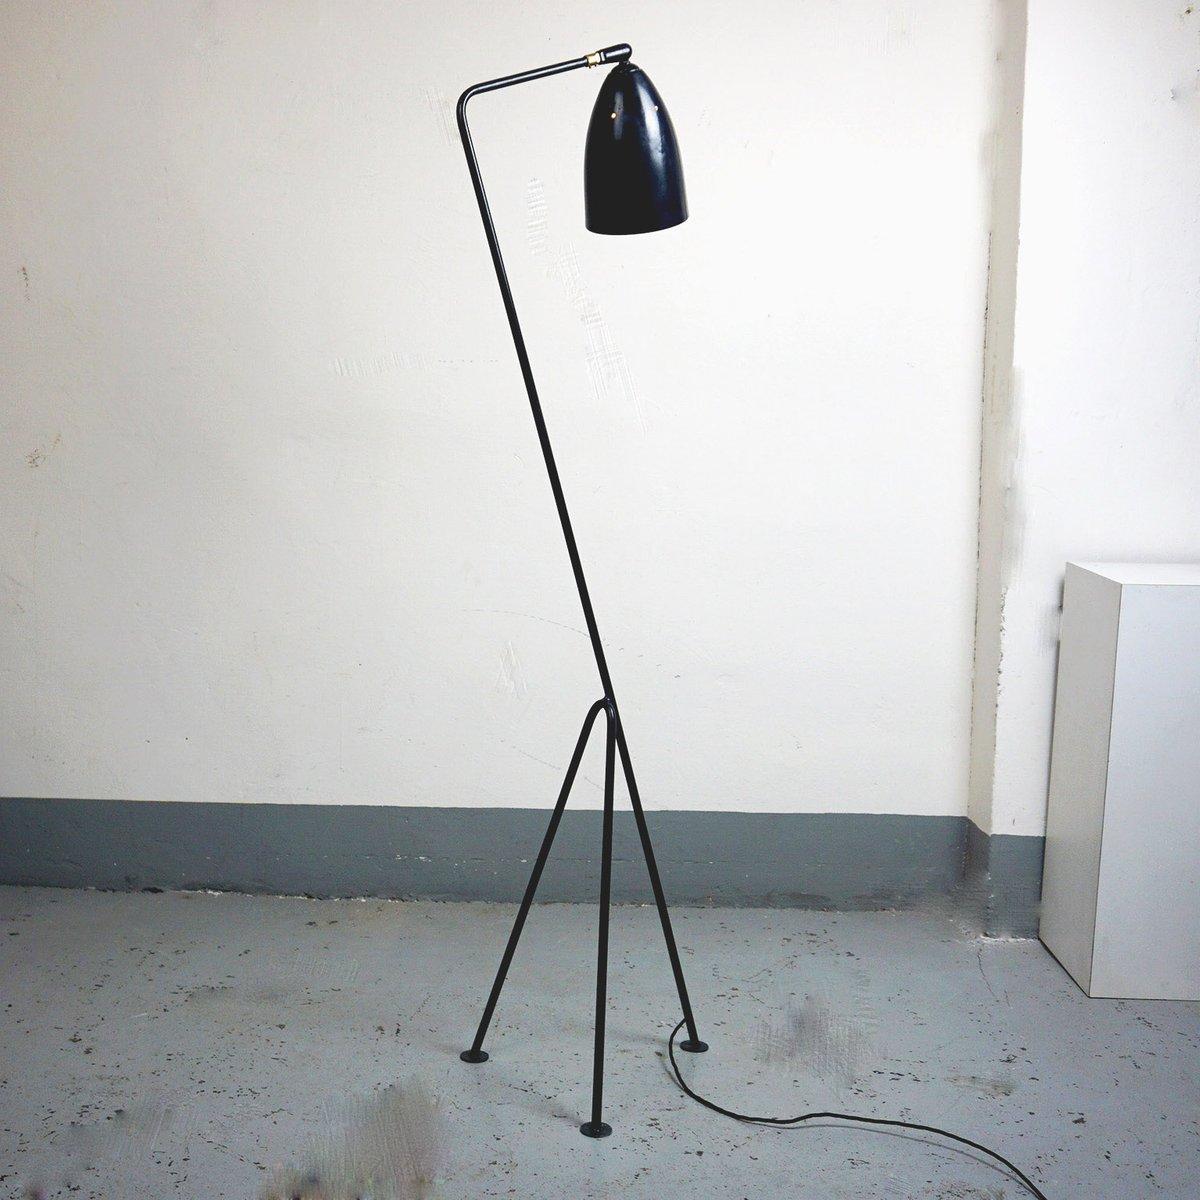 Dunkelblaue skandinavische Grasshopper Stehlampe von Greta Magnusson G...